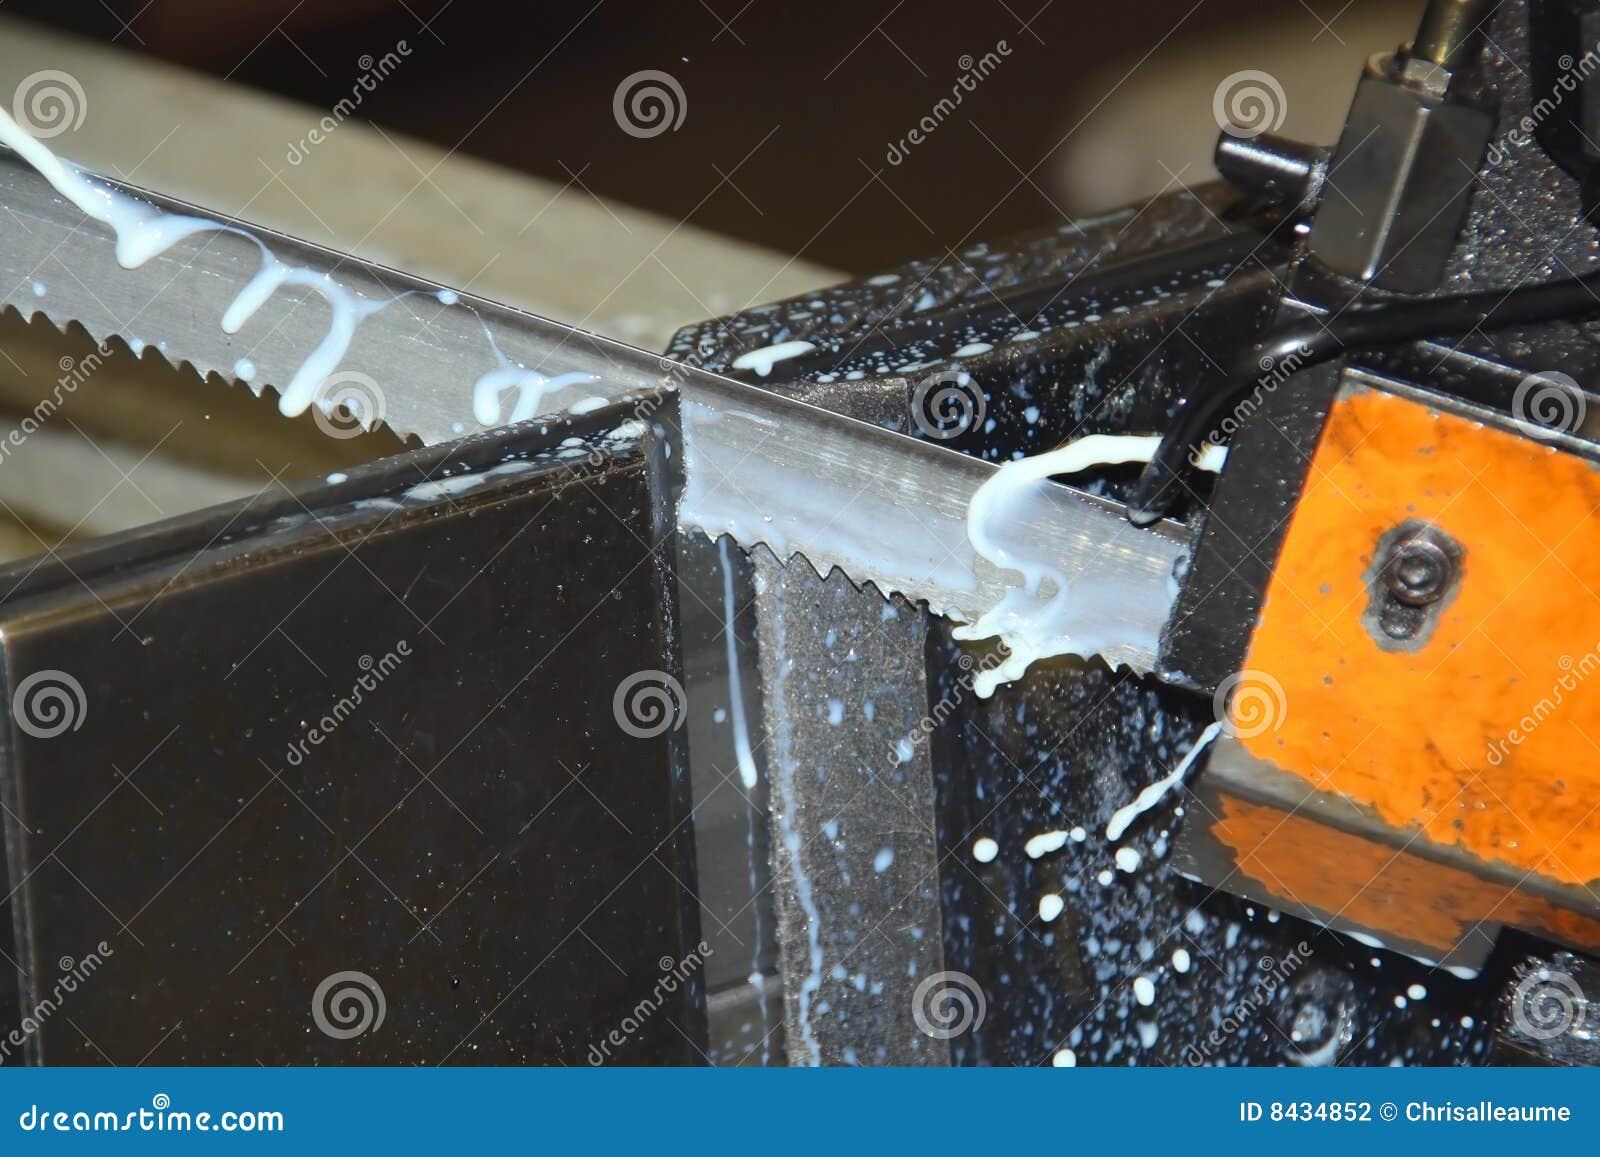 πριονοκορδέλλα που κόβει το βιομηχανικό μέταλλο